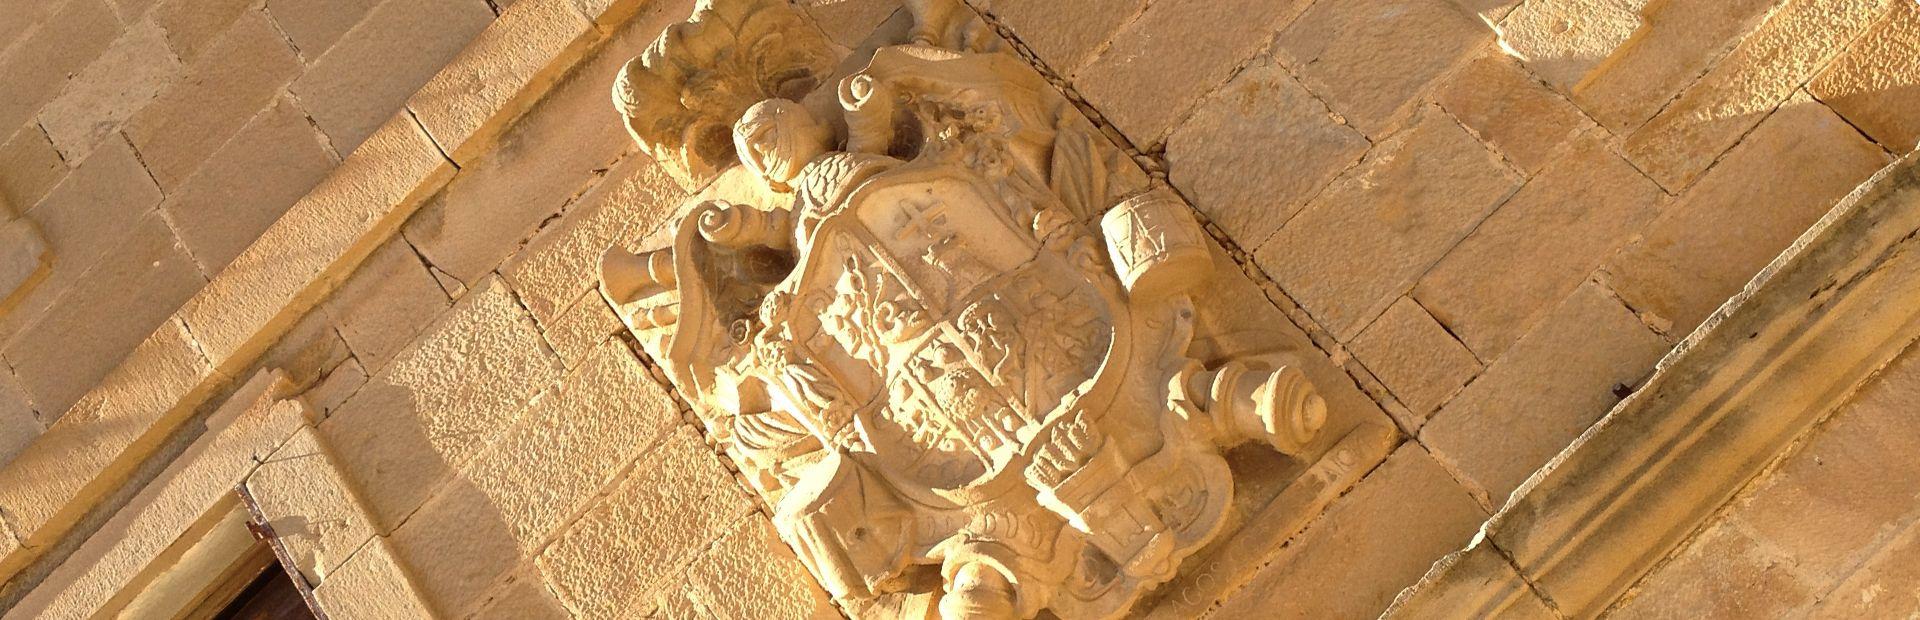 Gran Enciclopedia de Navarra (GEN)